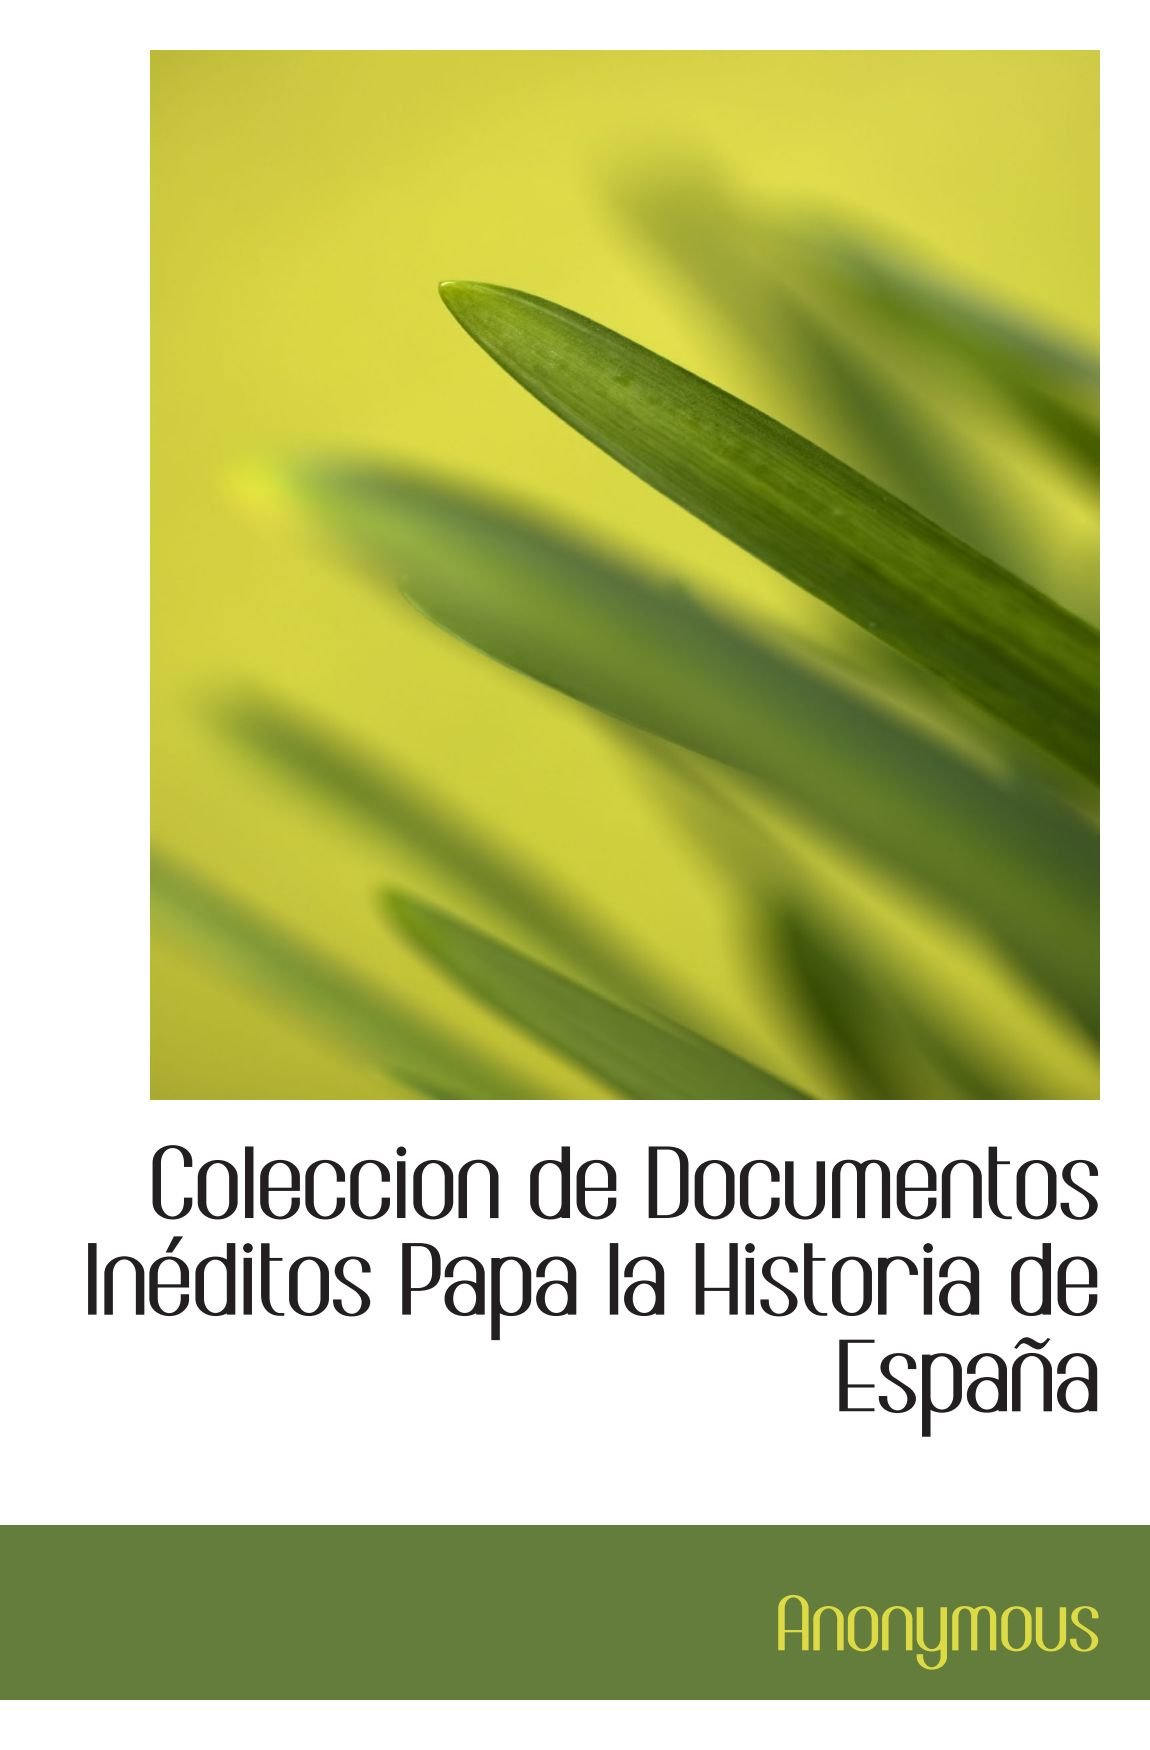 Coleccion de Documentos Inéditos Papa la Historia de España: Amazon.es: Anonymous, .: Libros